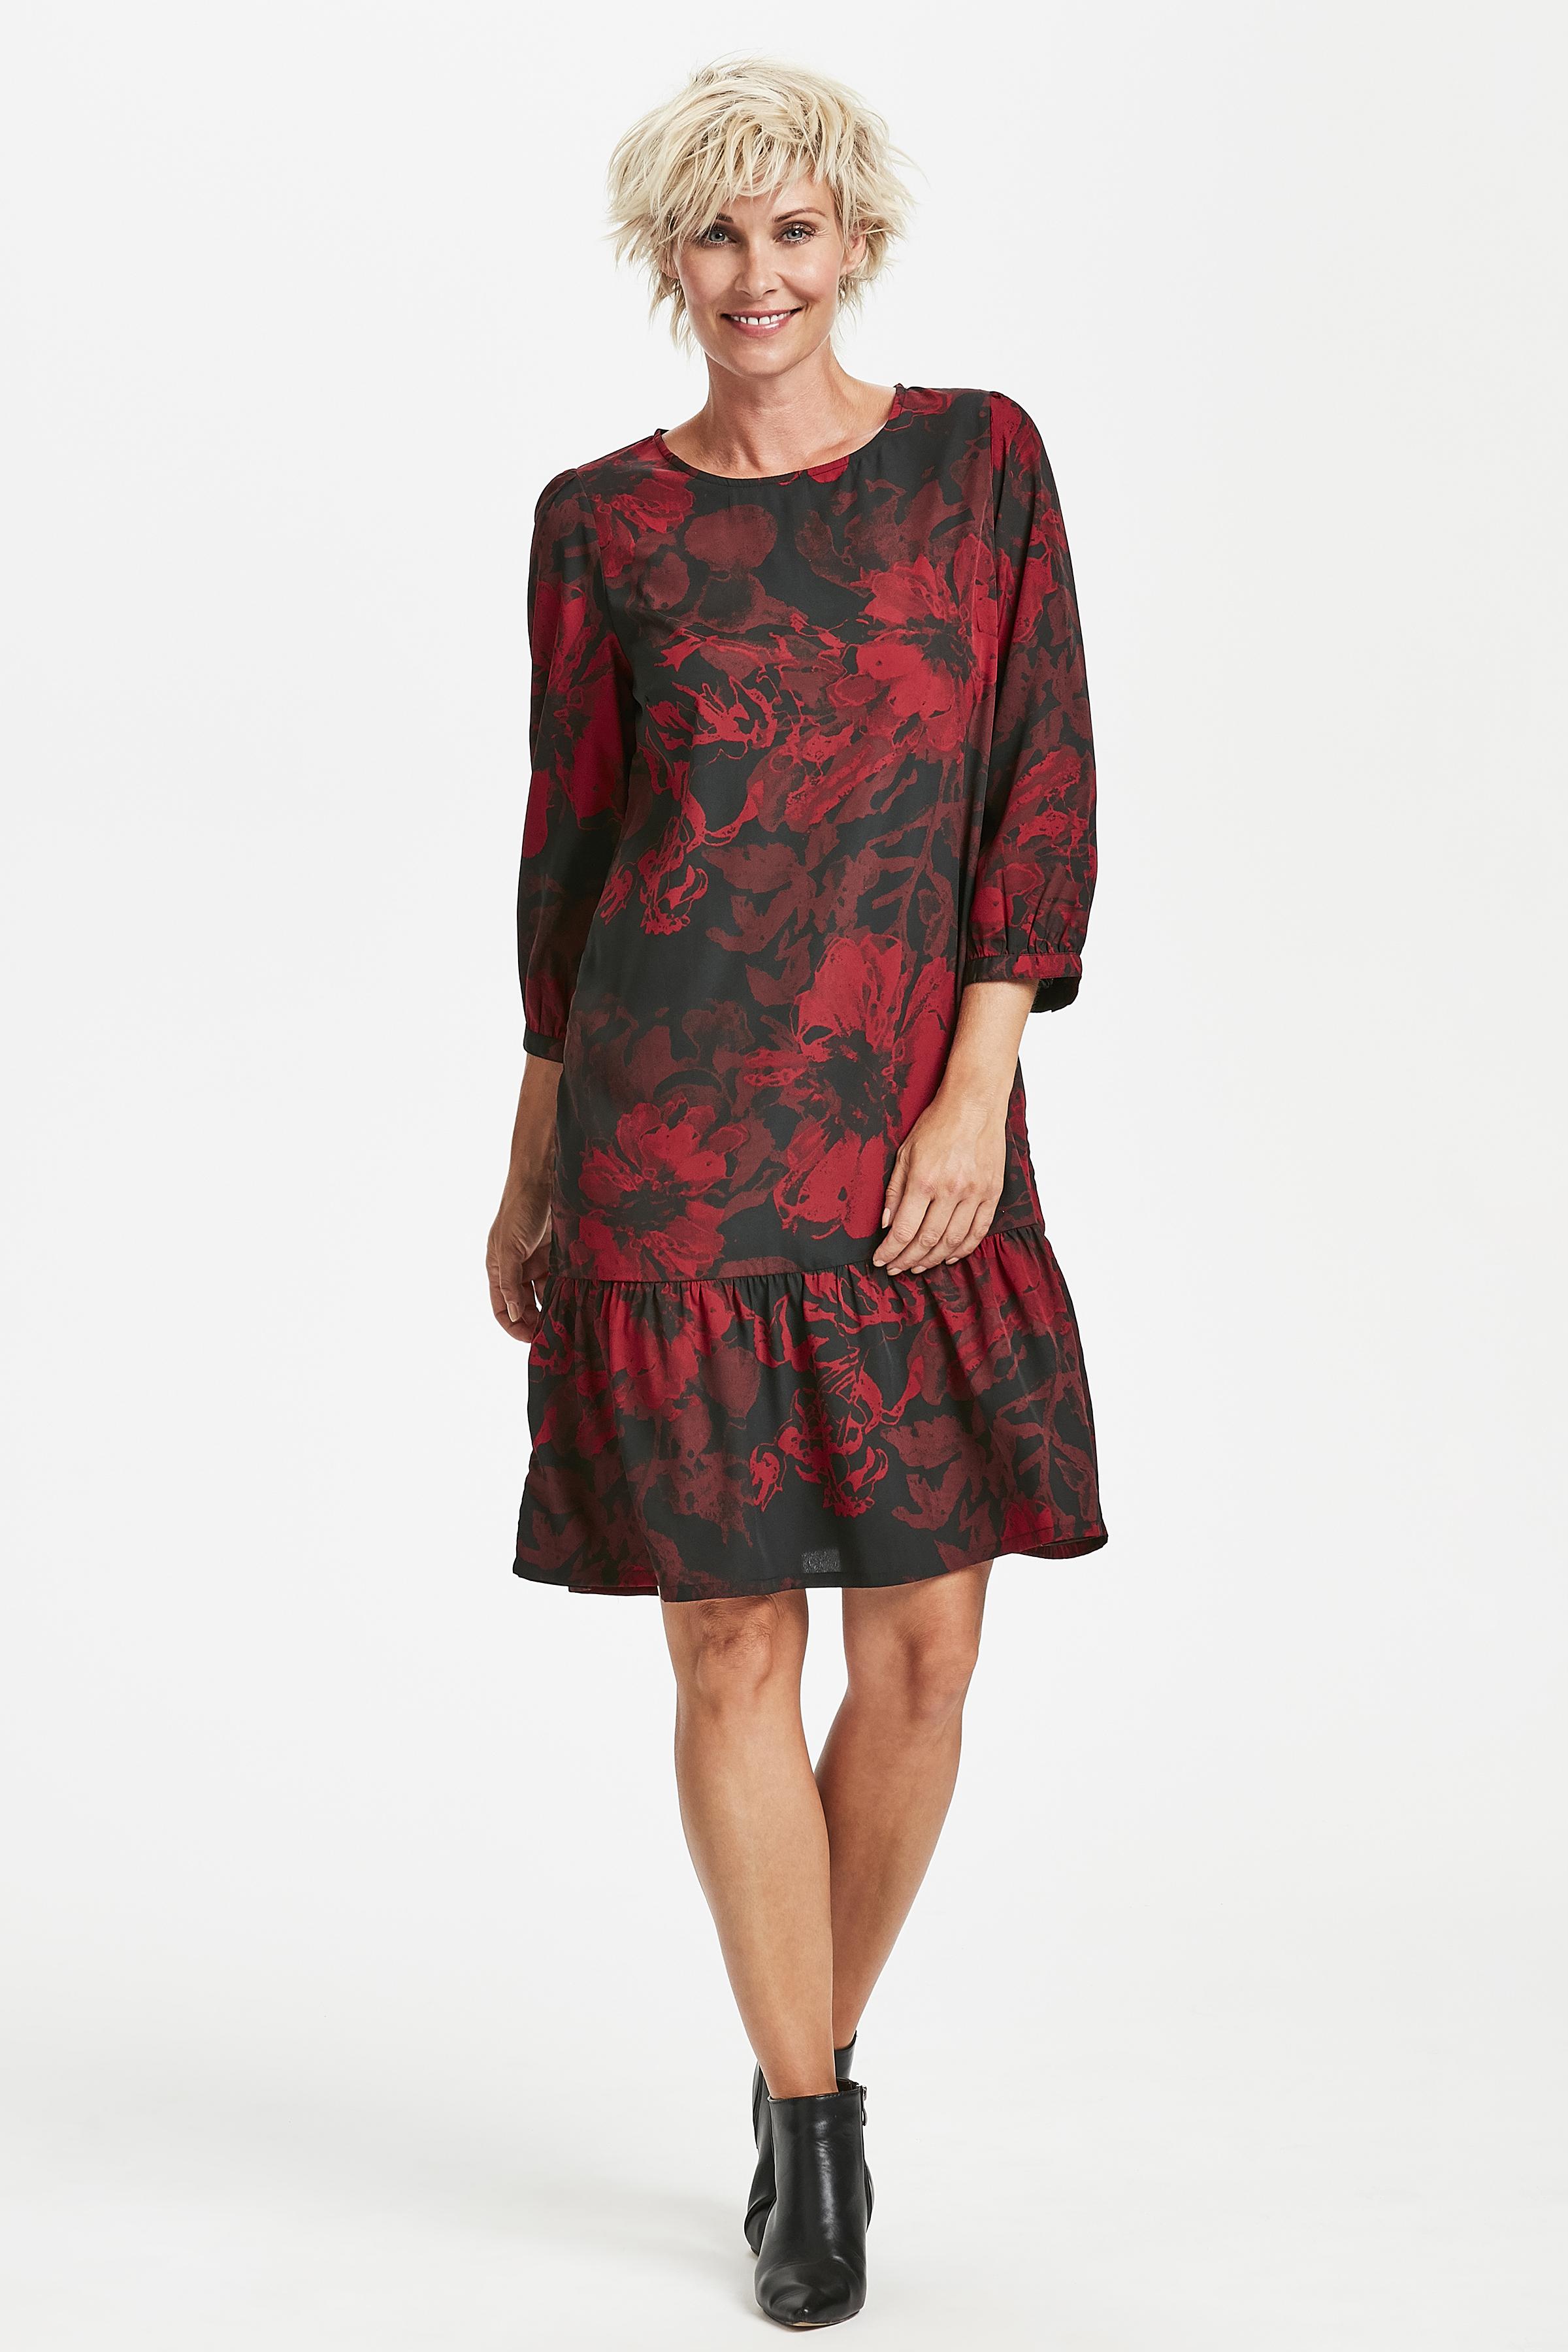 Dunkelrot Kleid von Kaffe – Shoppen Sie Dunkelrot Kleid ab Gr. 34-46 hier